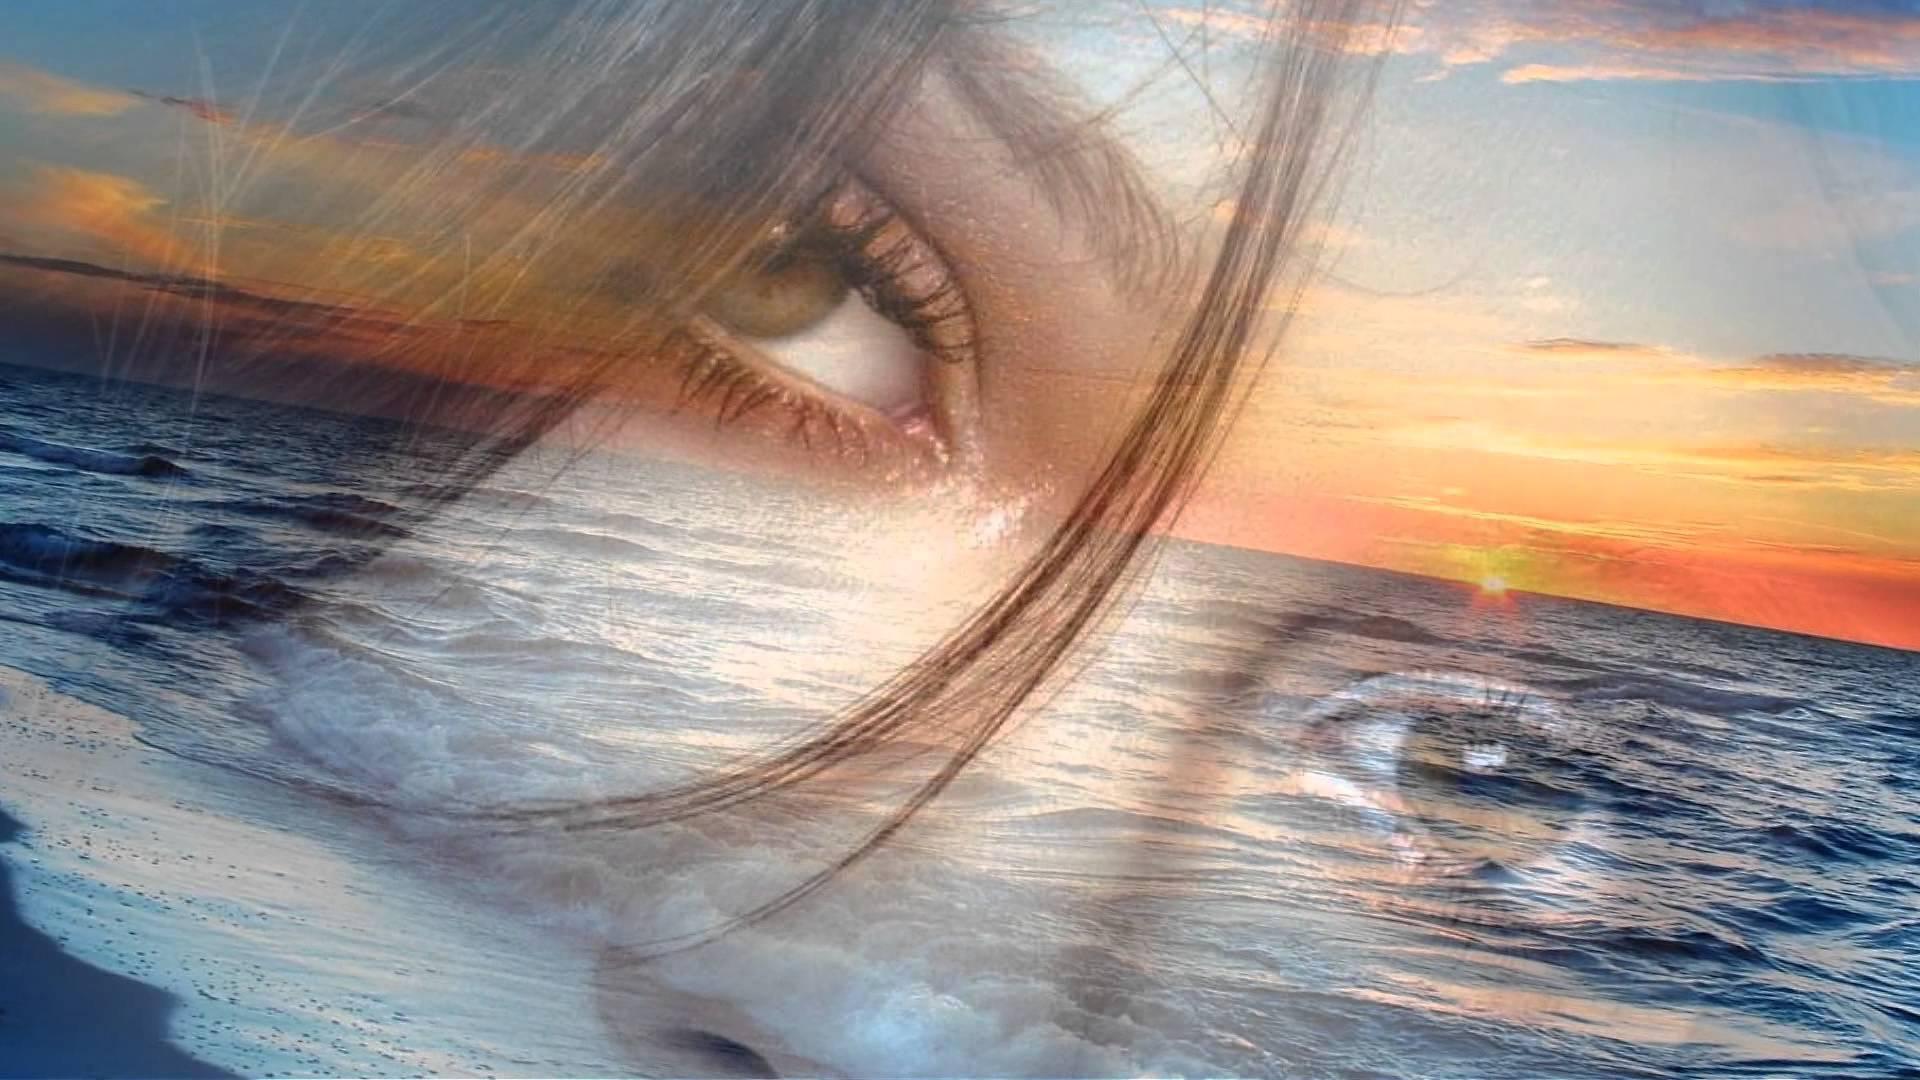 Осеннюю тематику, красивые открытки про душу